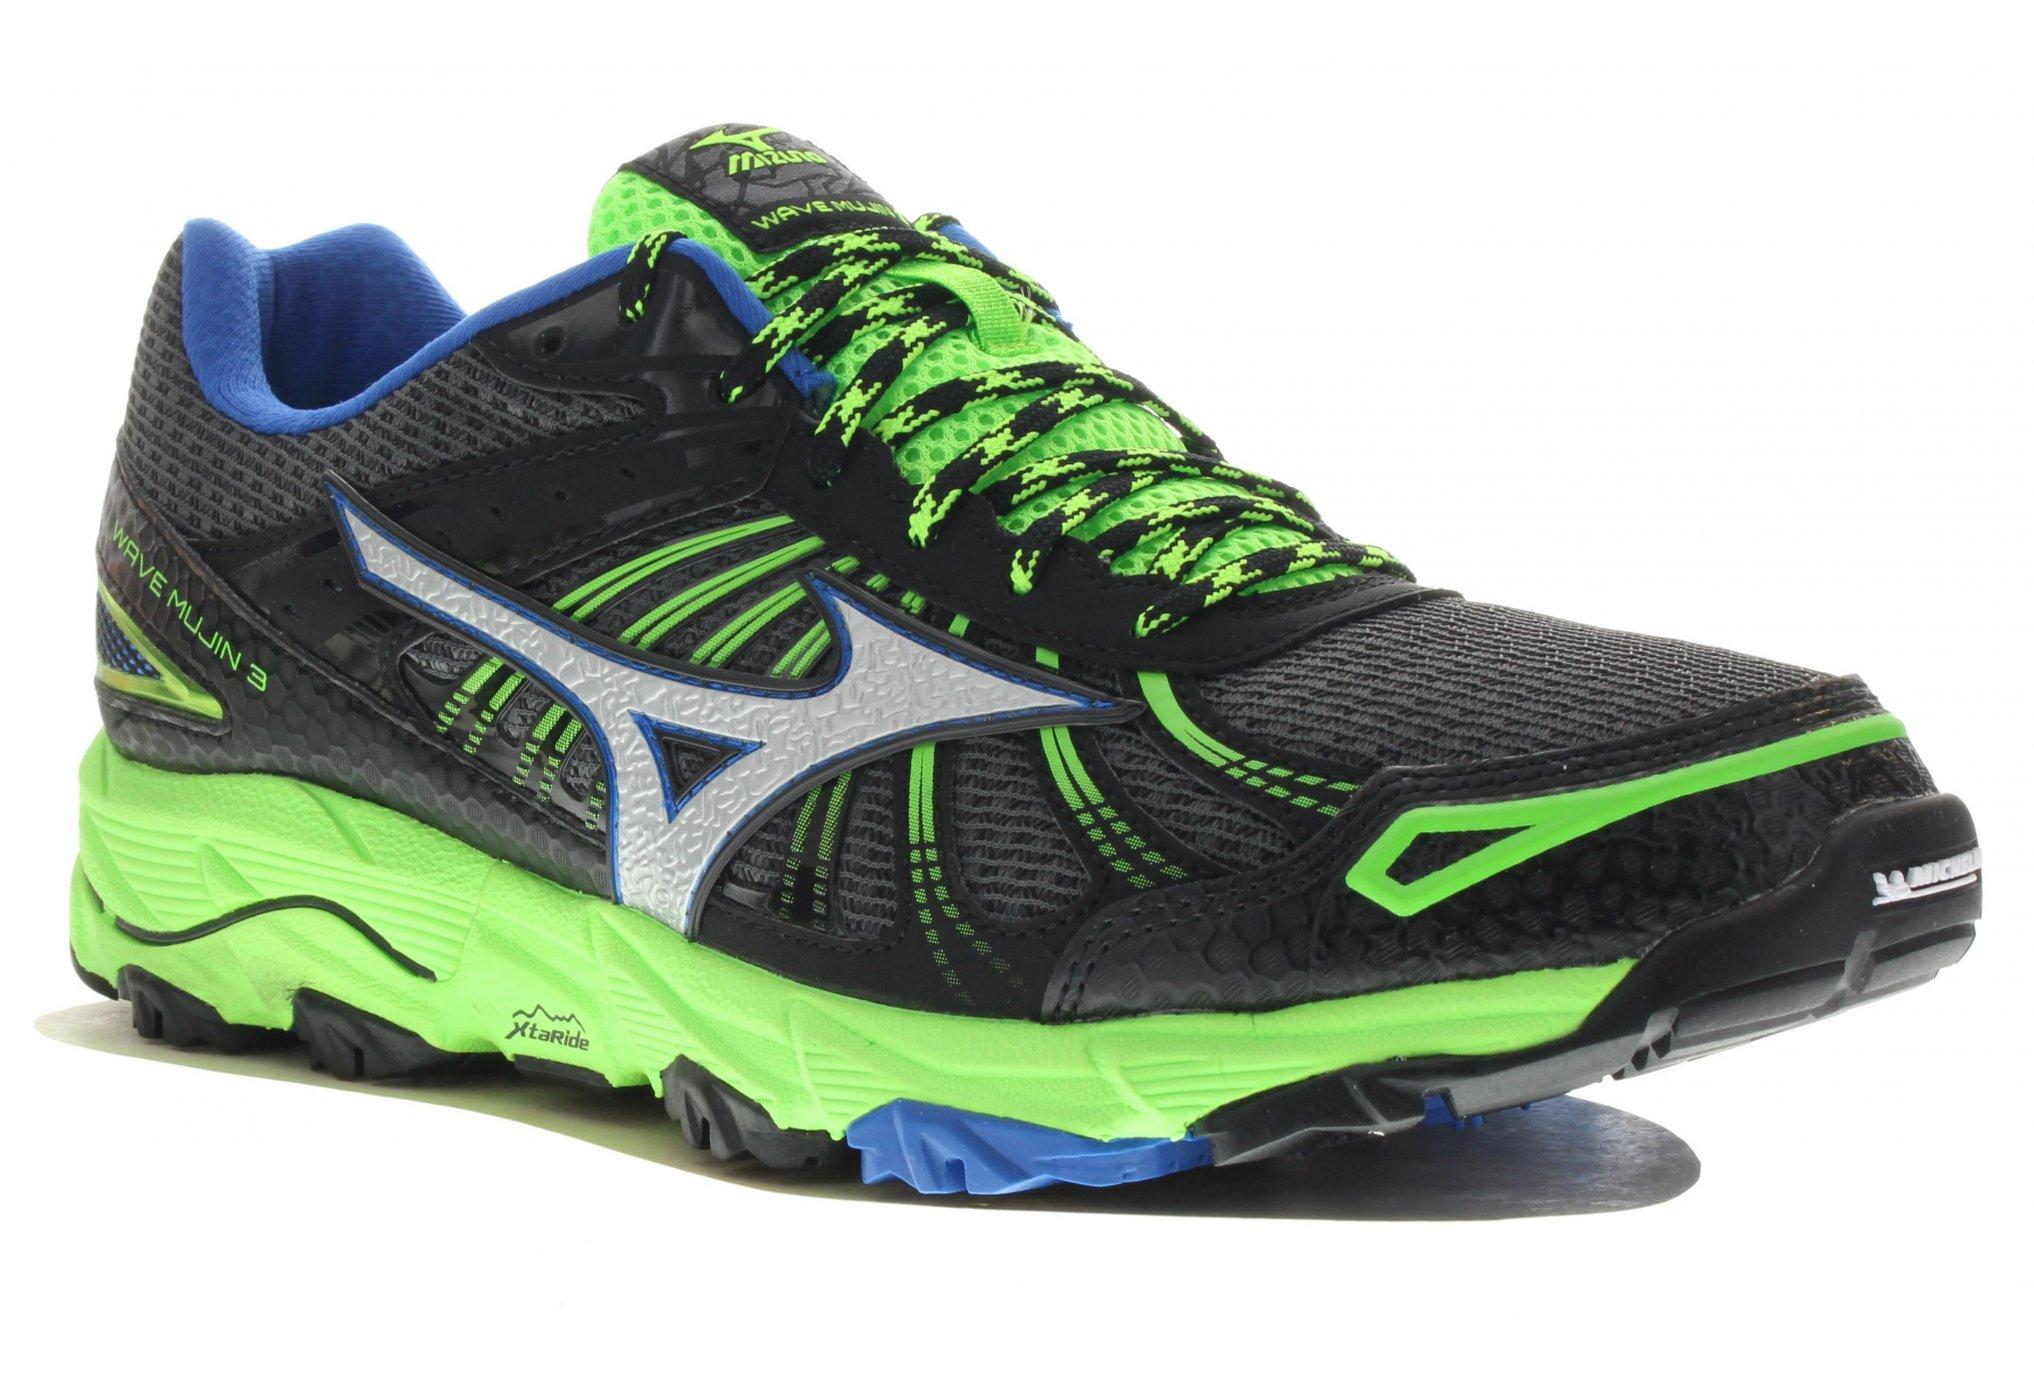 choisir modèle bon chaussures le équipement de Conseils Sqwf06n